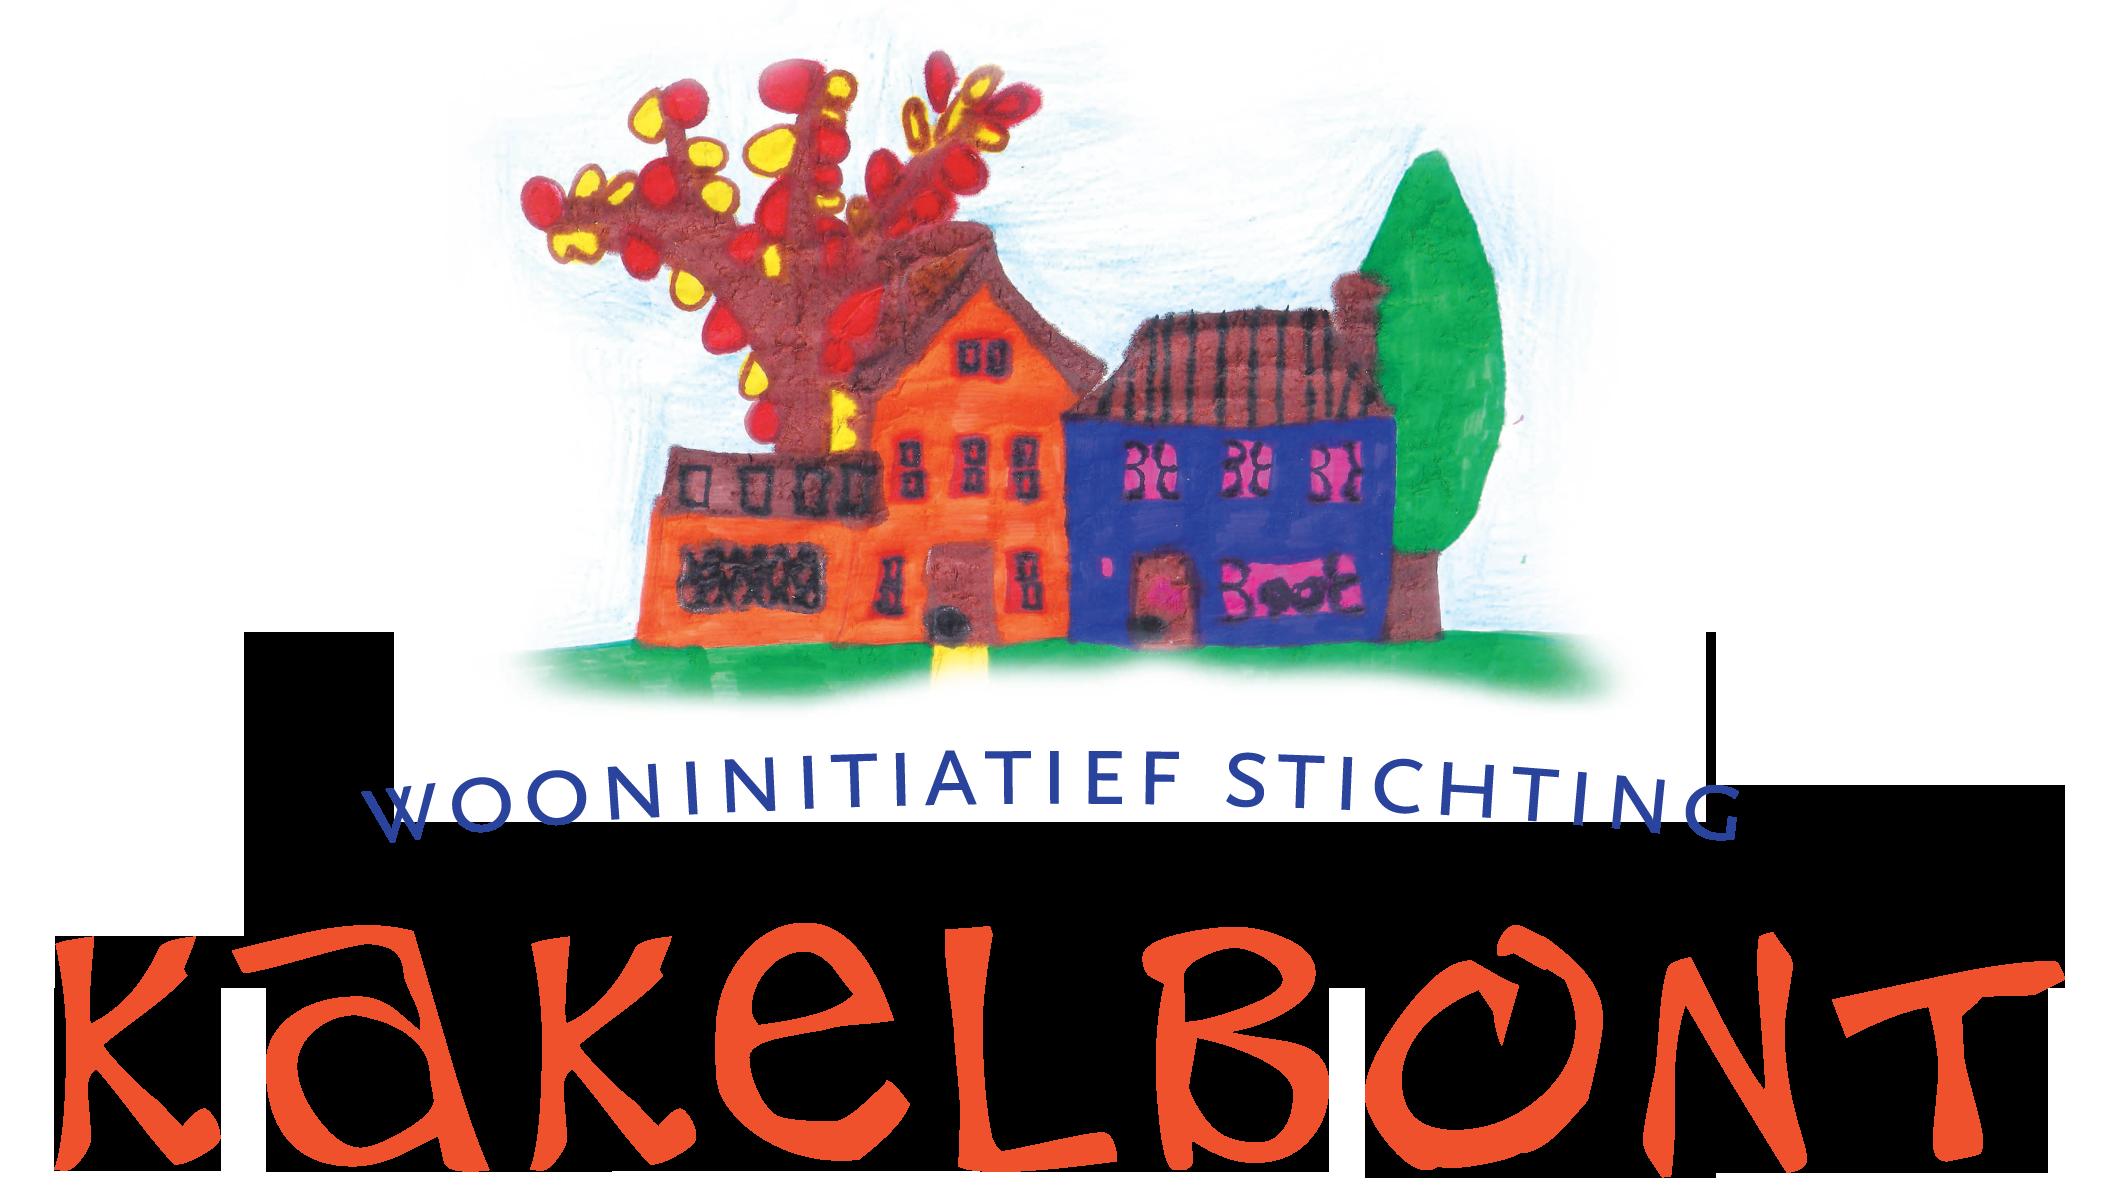 Wooninitiatief Stichting Kakelbont